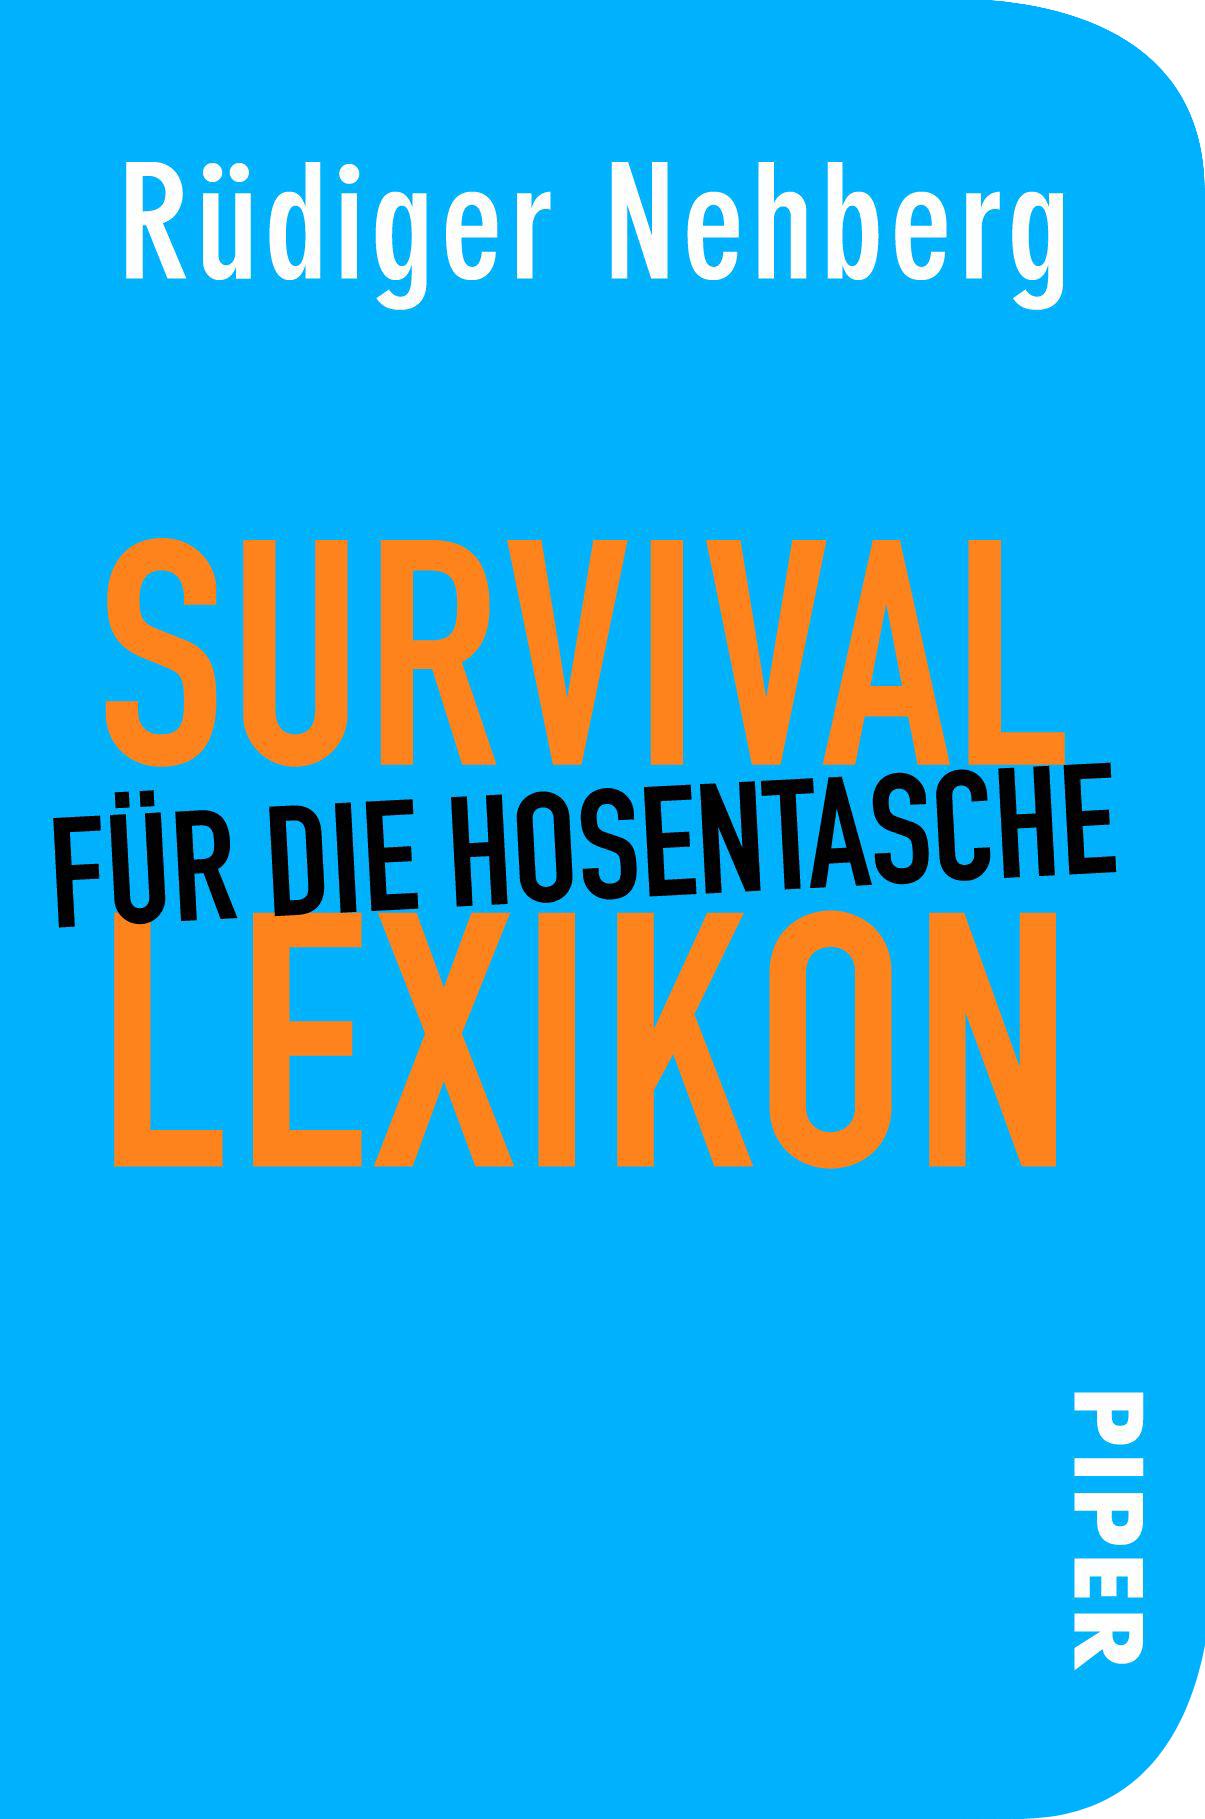 Survival-Lexikon für die Hosentasche: Mit Zeichnungen von Julia Klaustermeyer  by  Rüdiger Nehberg